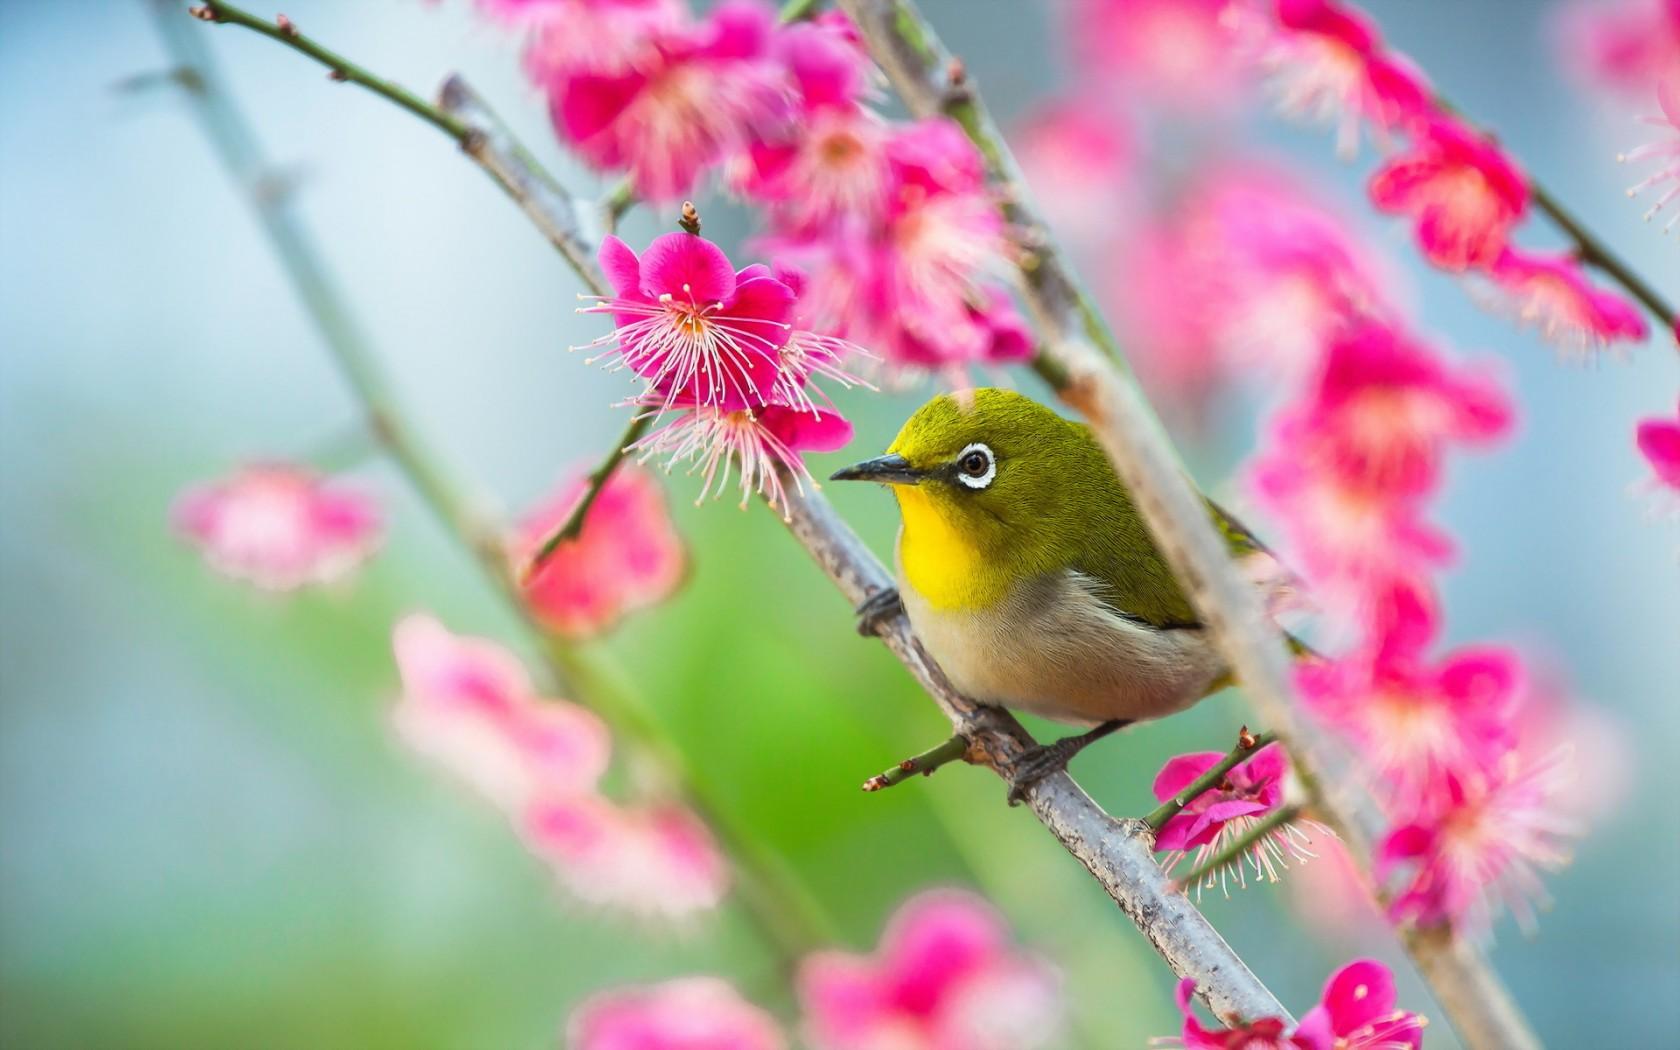 Bird Nature Close-Up